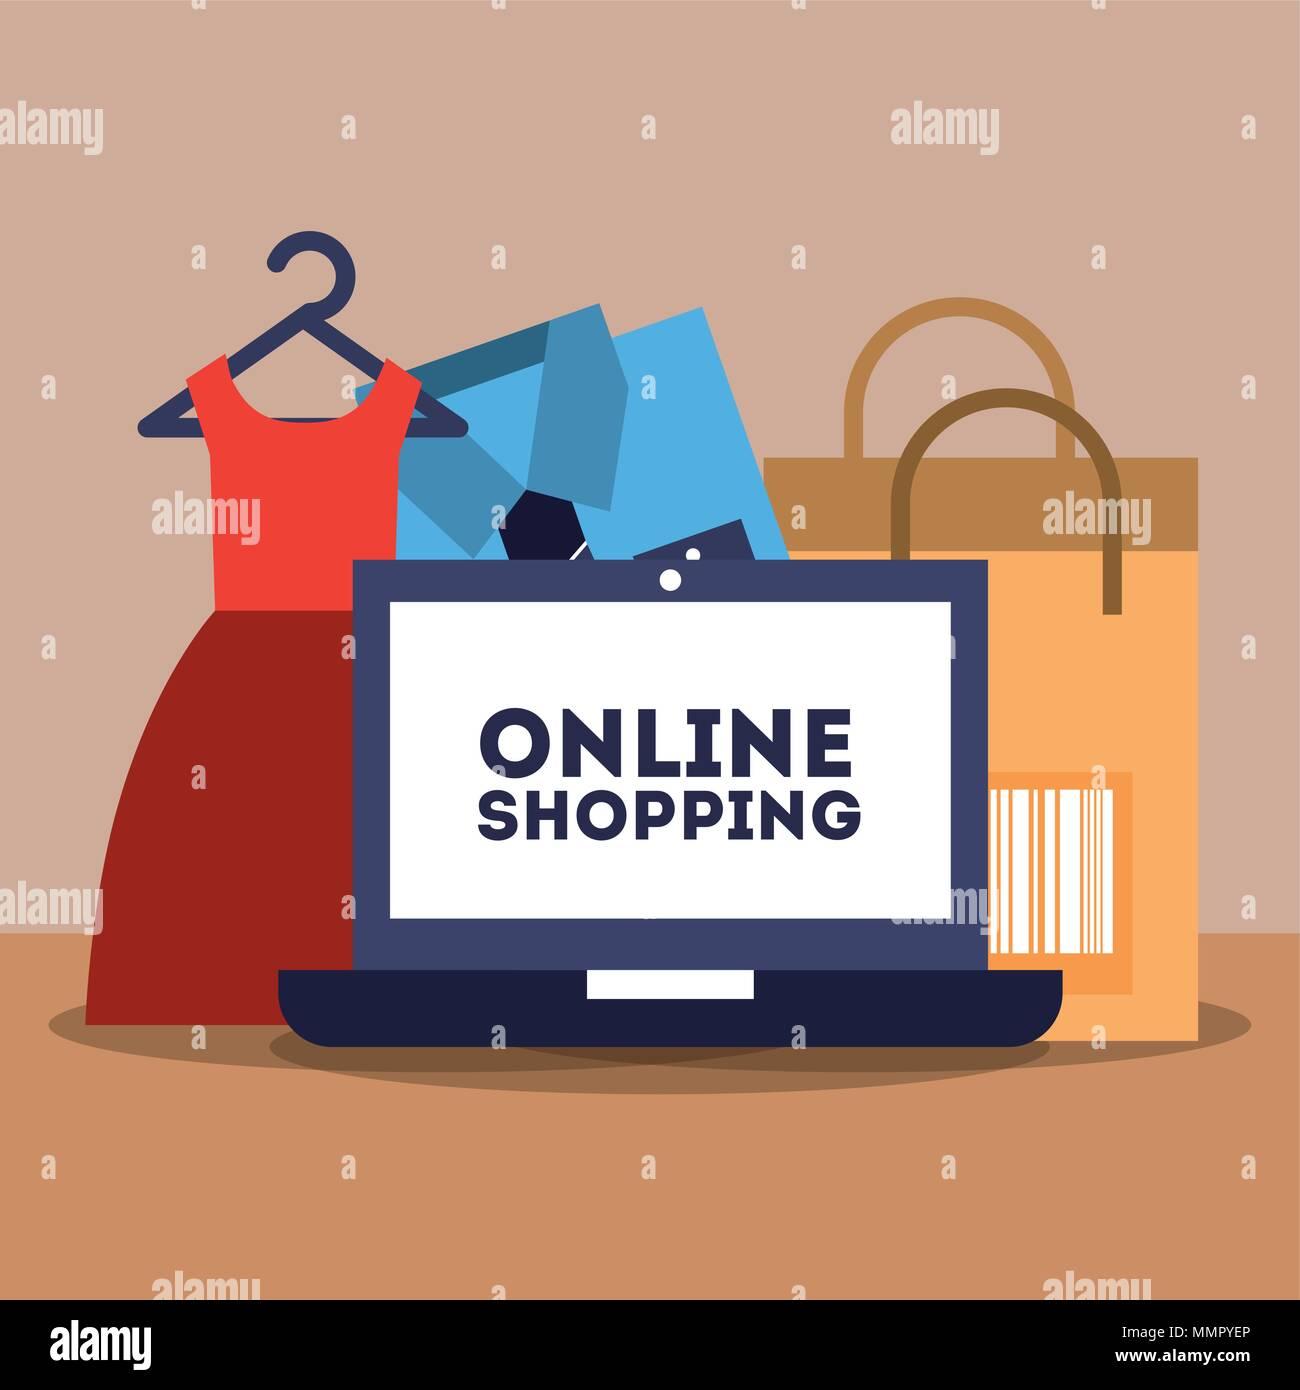 online shopping commerce - Stock Vector